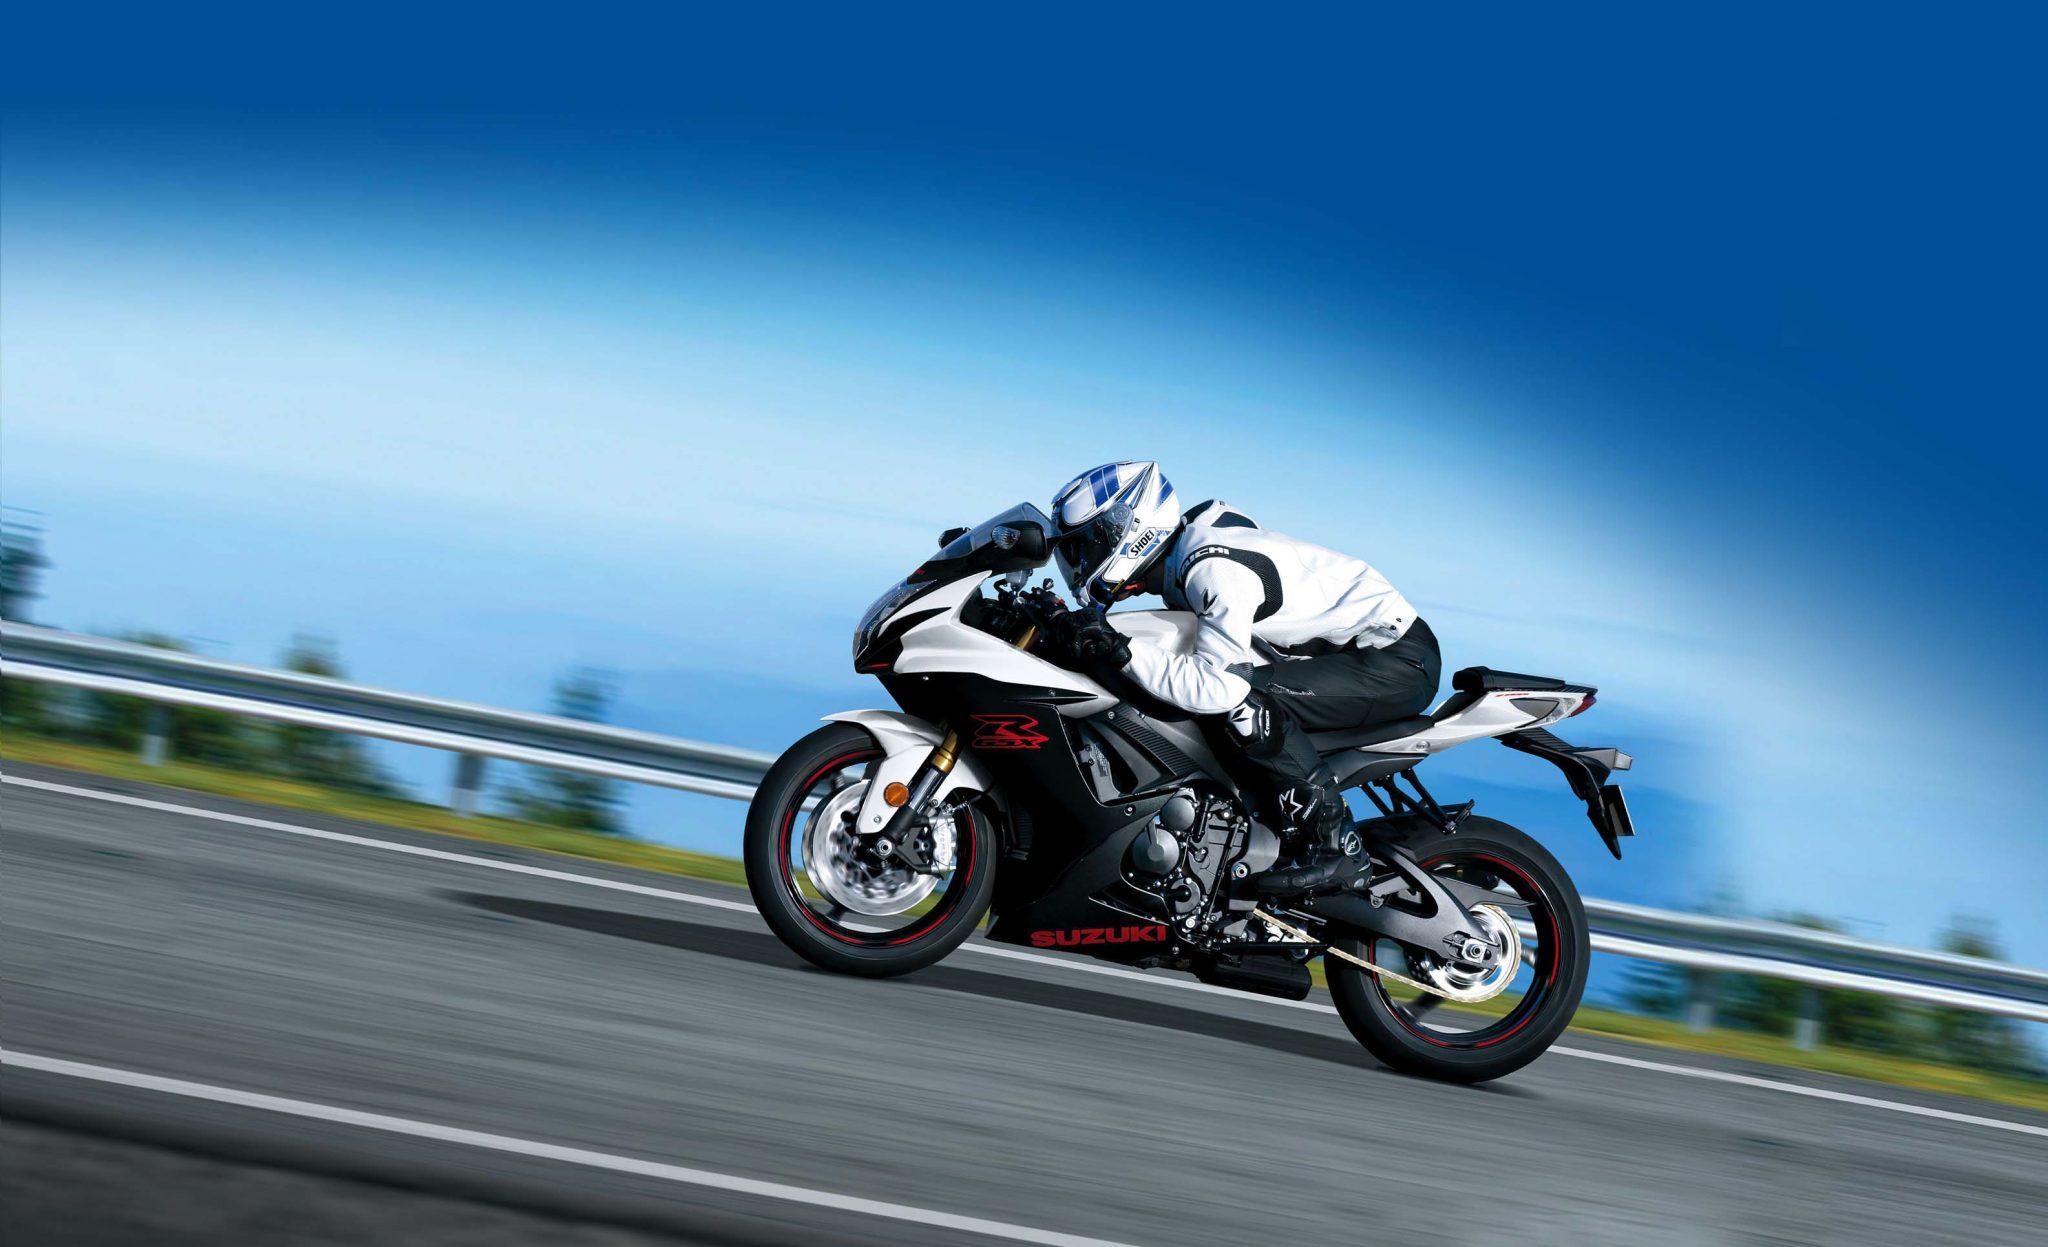 2020 Suzuki GSX-R600